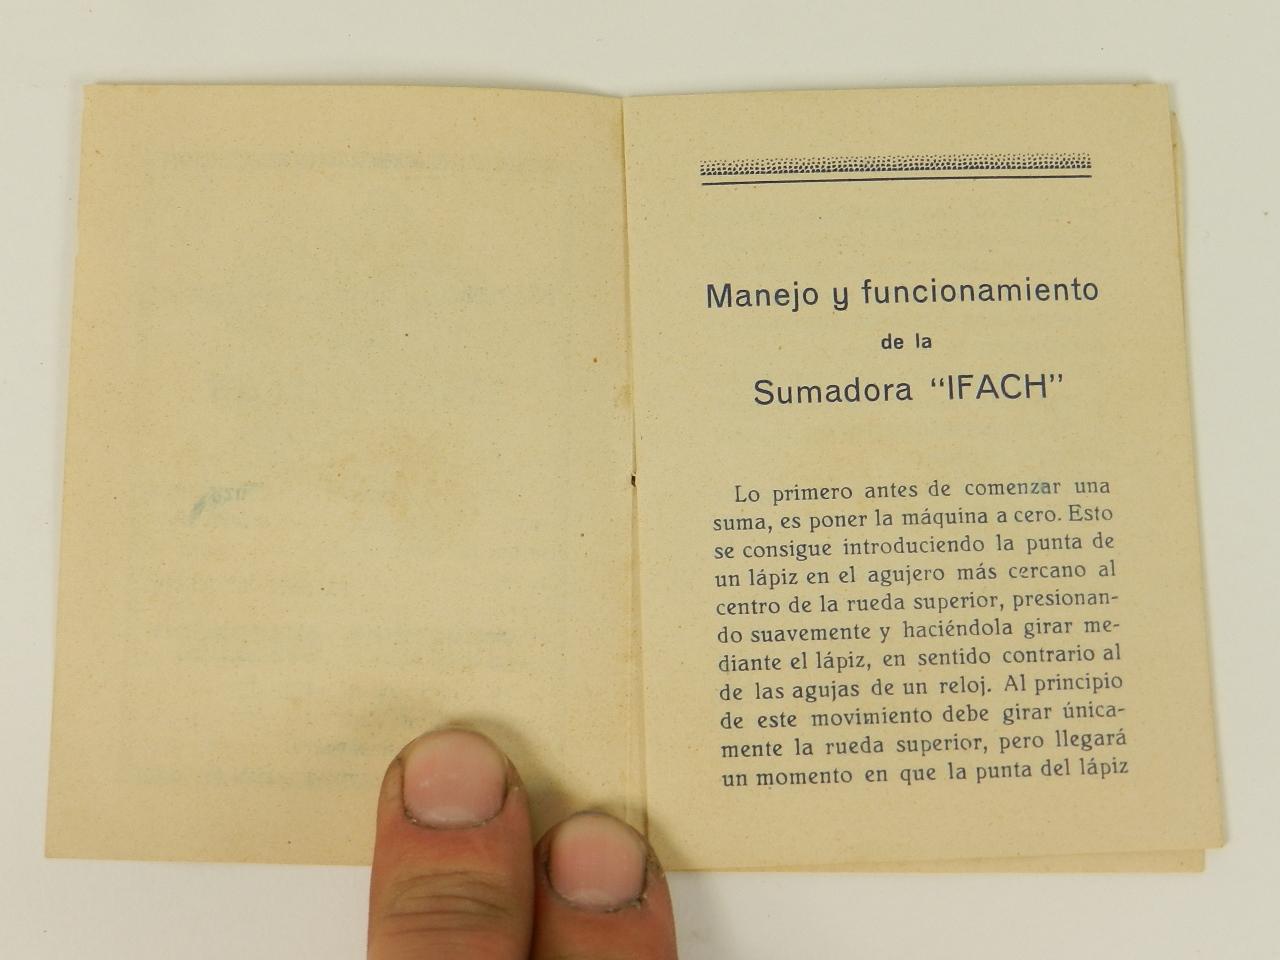 Imagen SUMADORA IFACH  AÑO 1943 27923